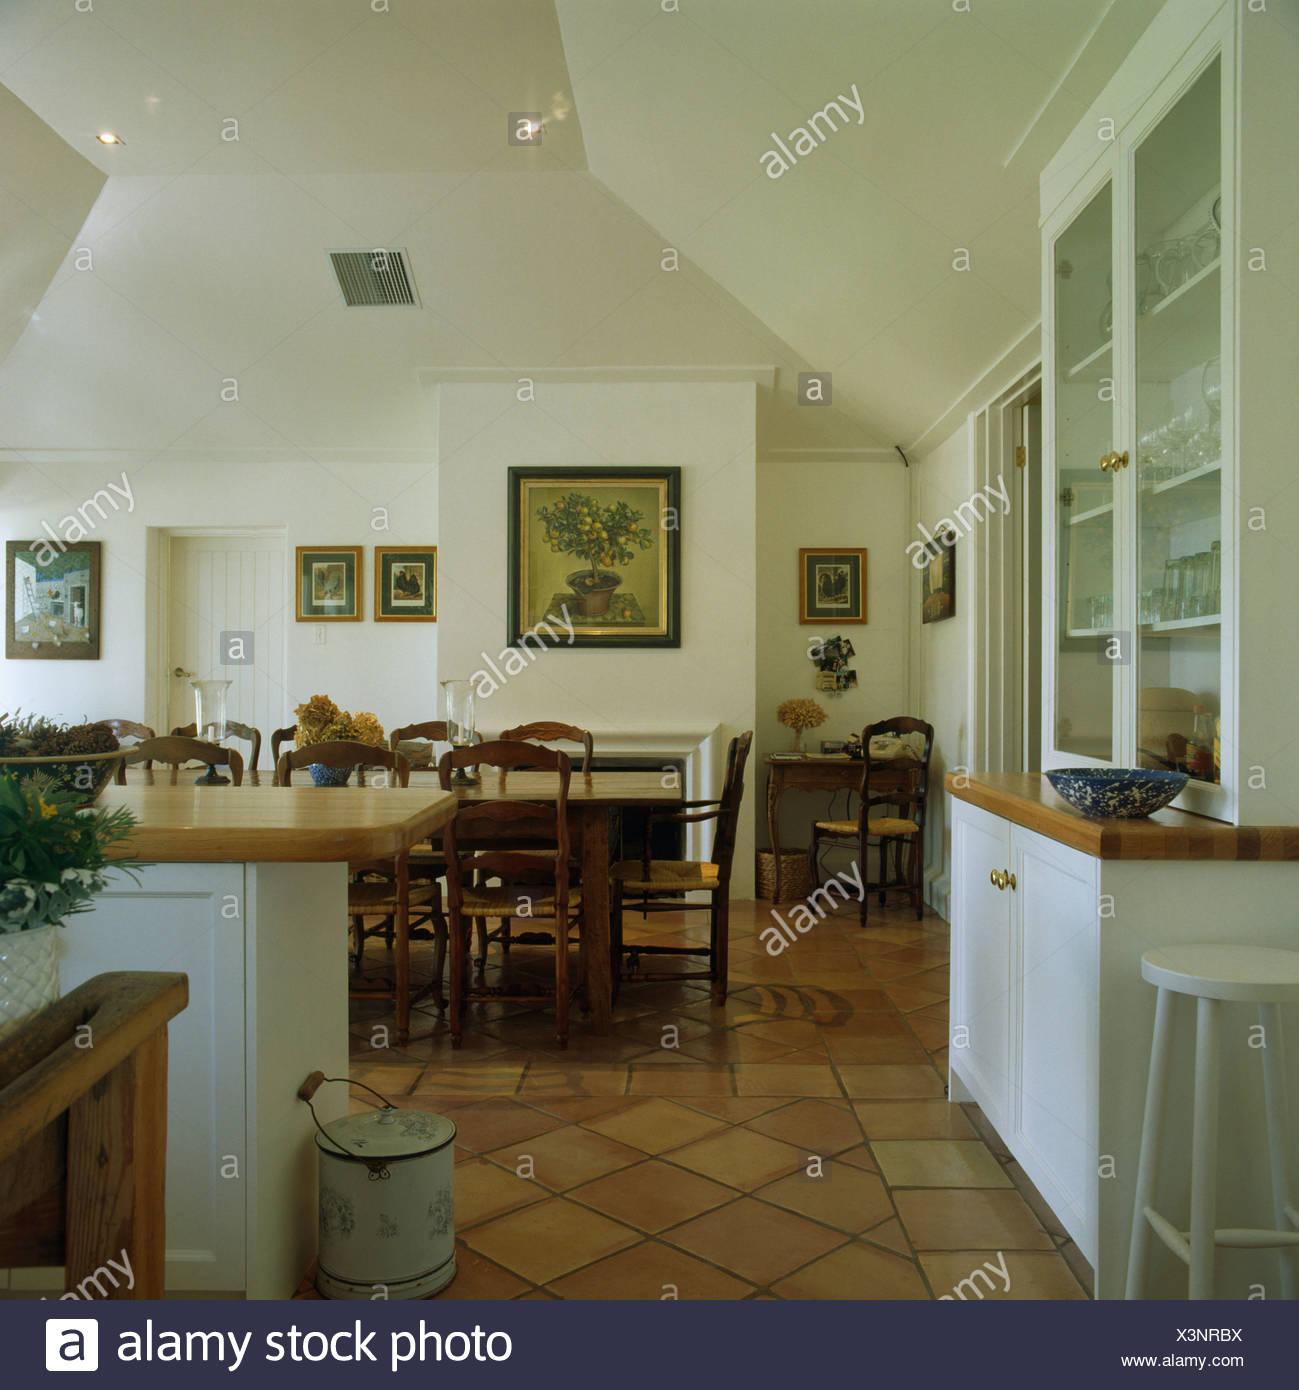 Geflieste Boden In Grossen Weissen Kuche Esszimmer Mit Antiken Stuhlen